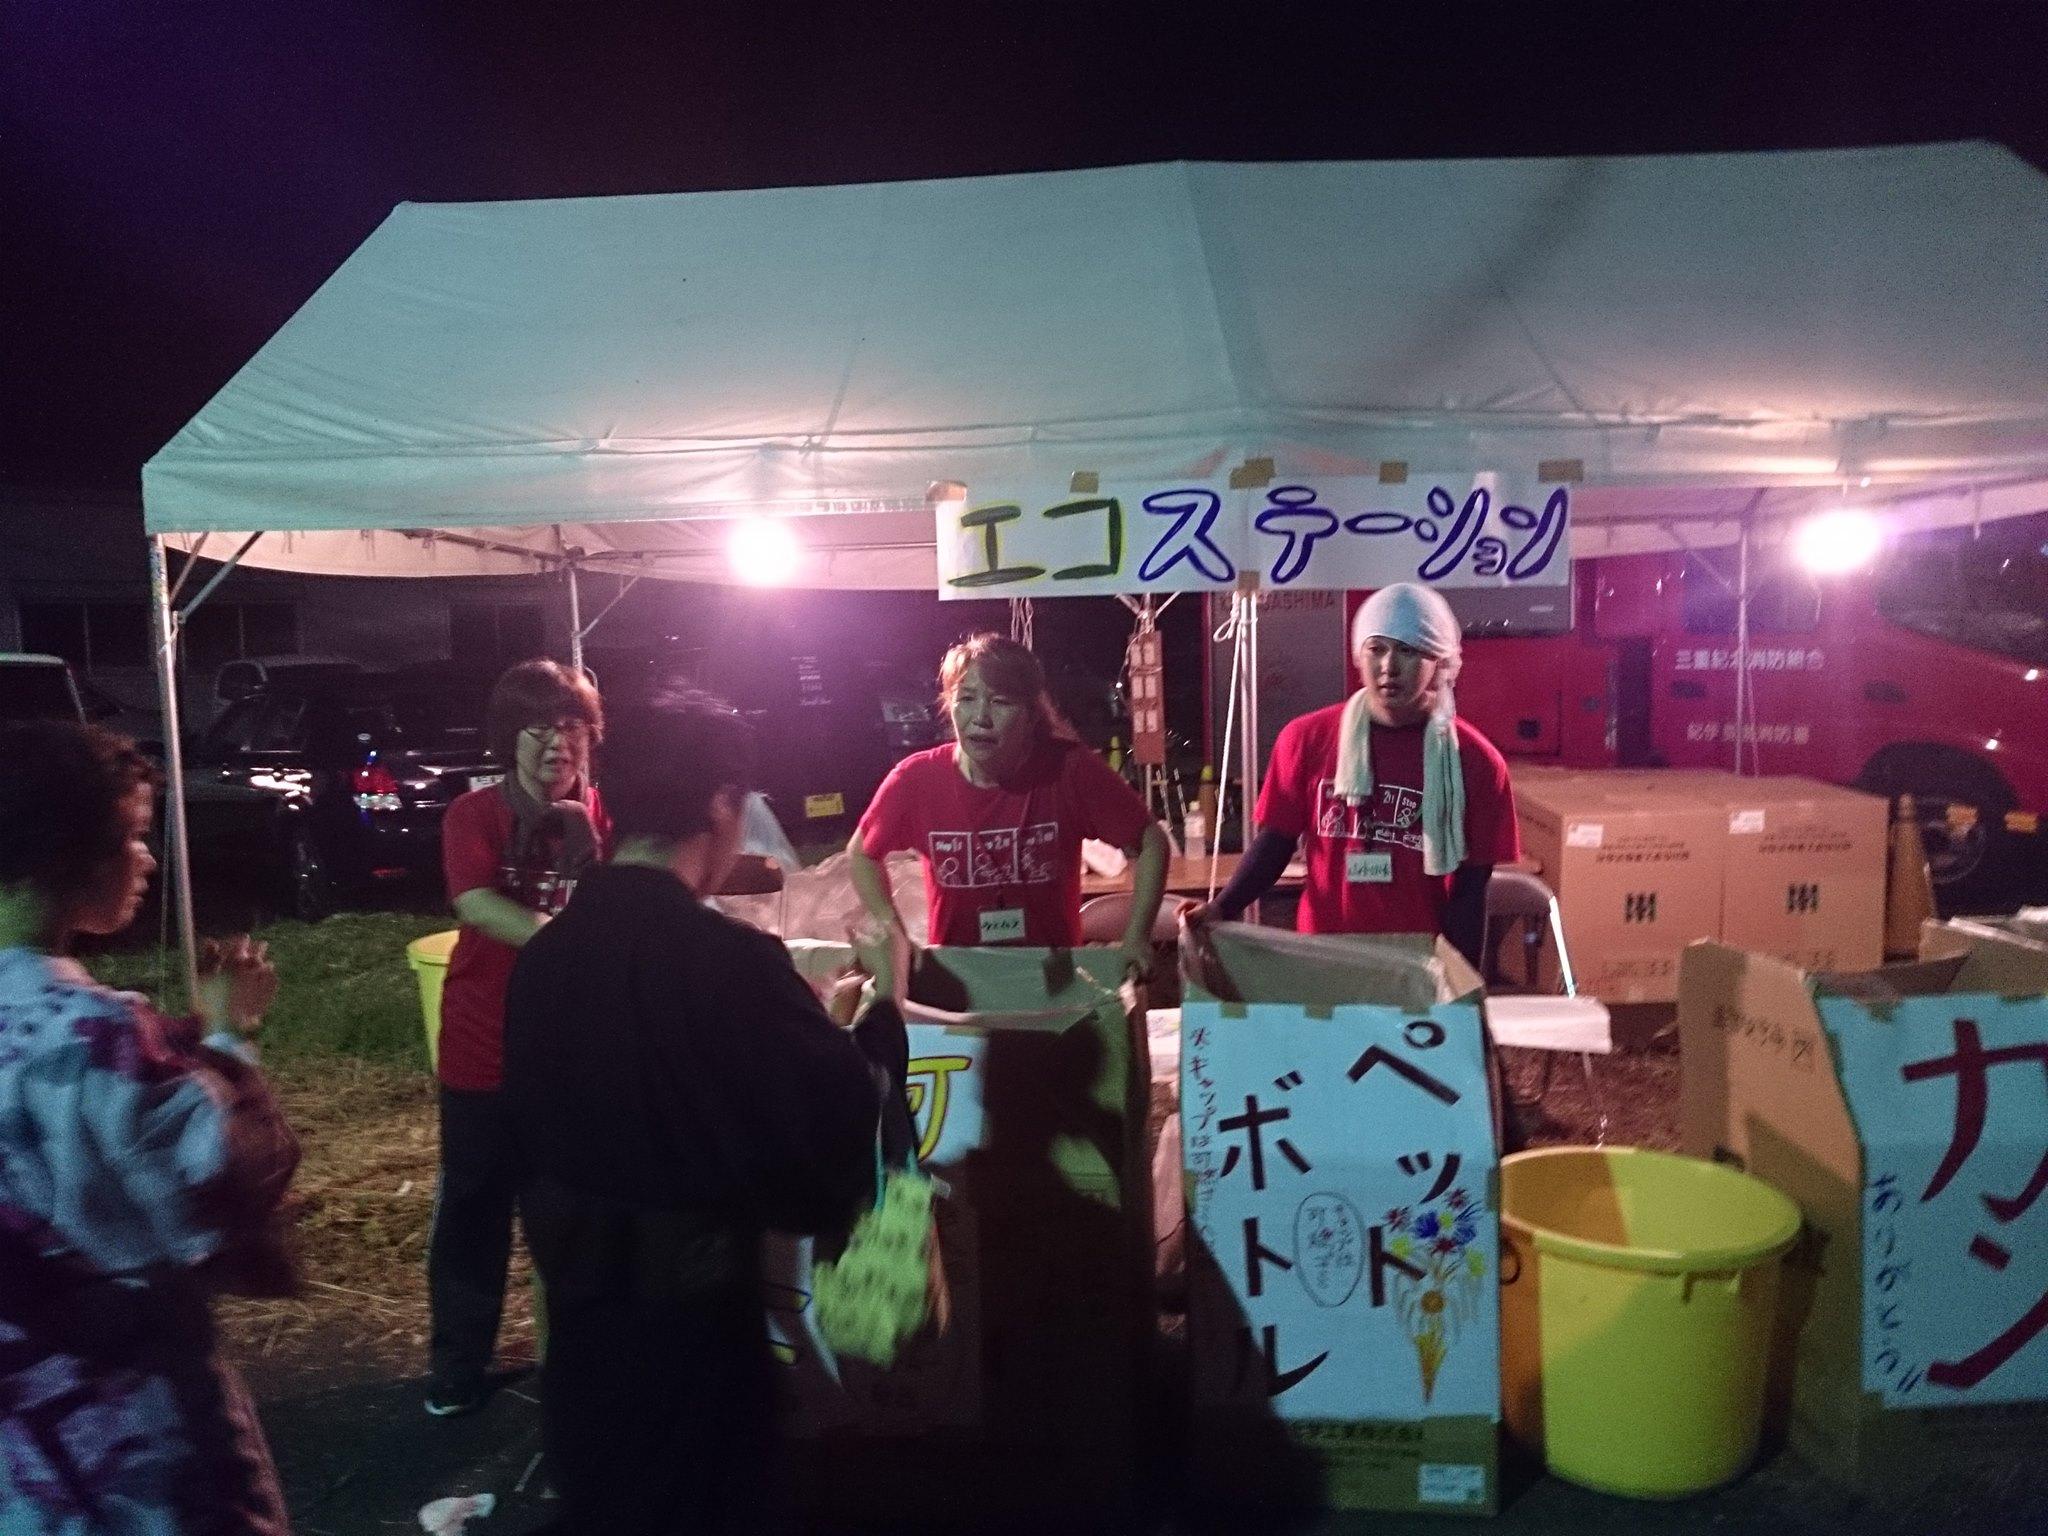 【中間支援事業】紀北町燈籠祭でのごみナビゲートボランティア_c0010936_412866.jpg